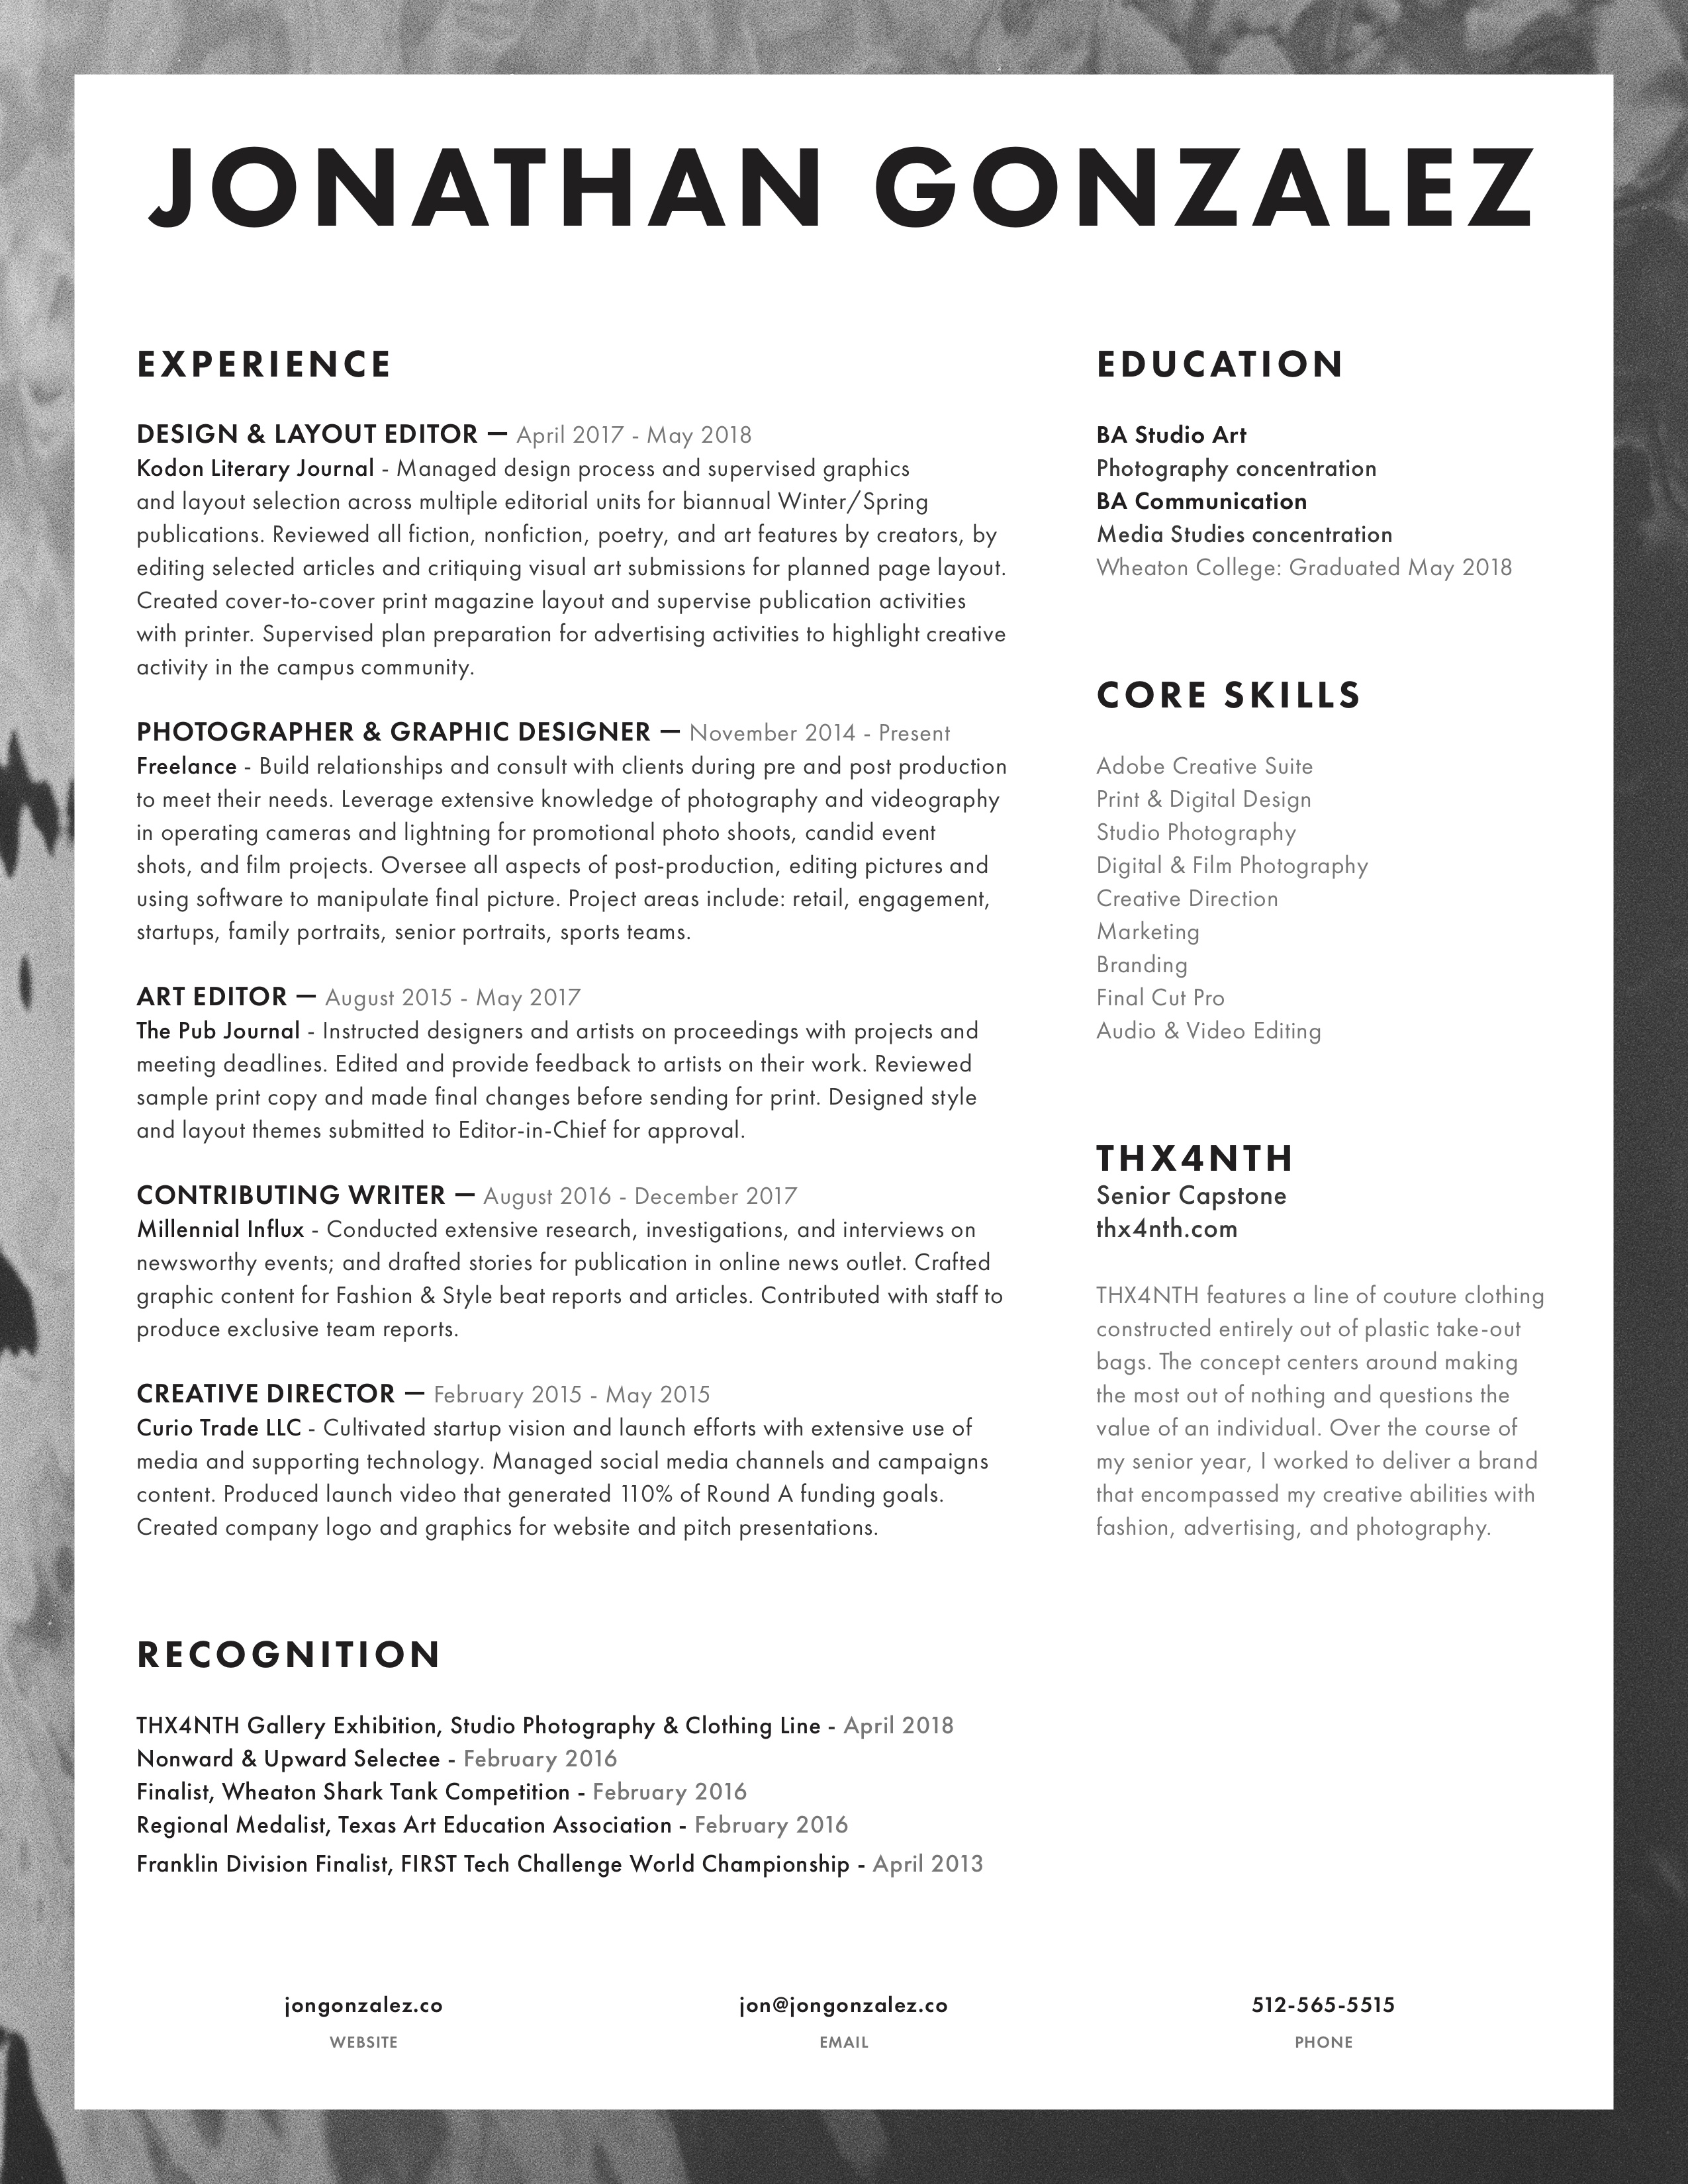 Resume - jongonzalez